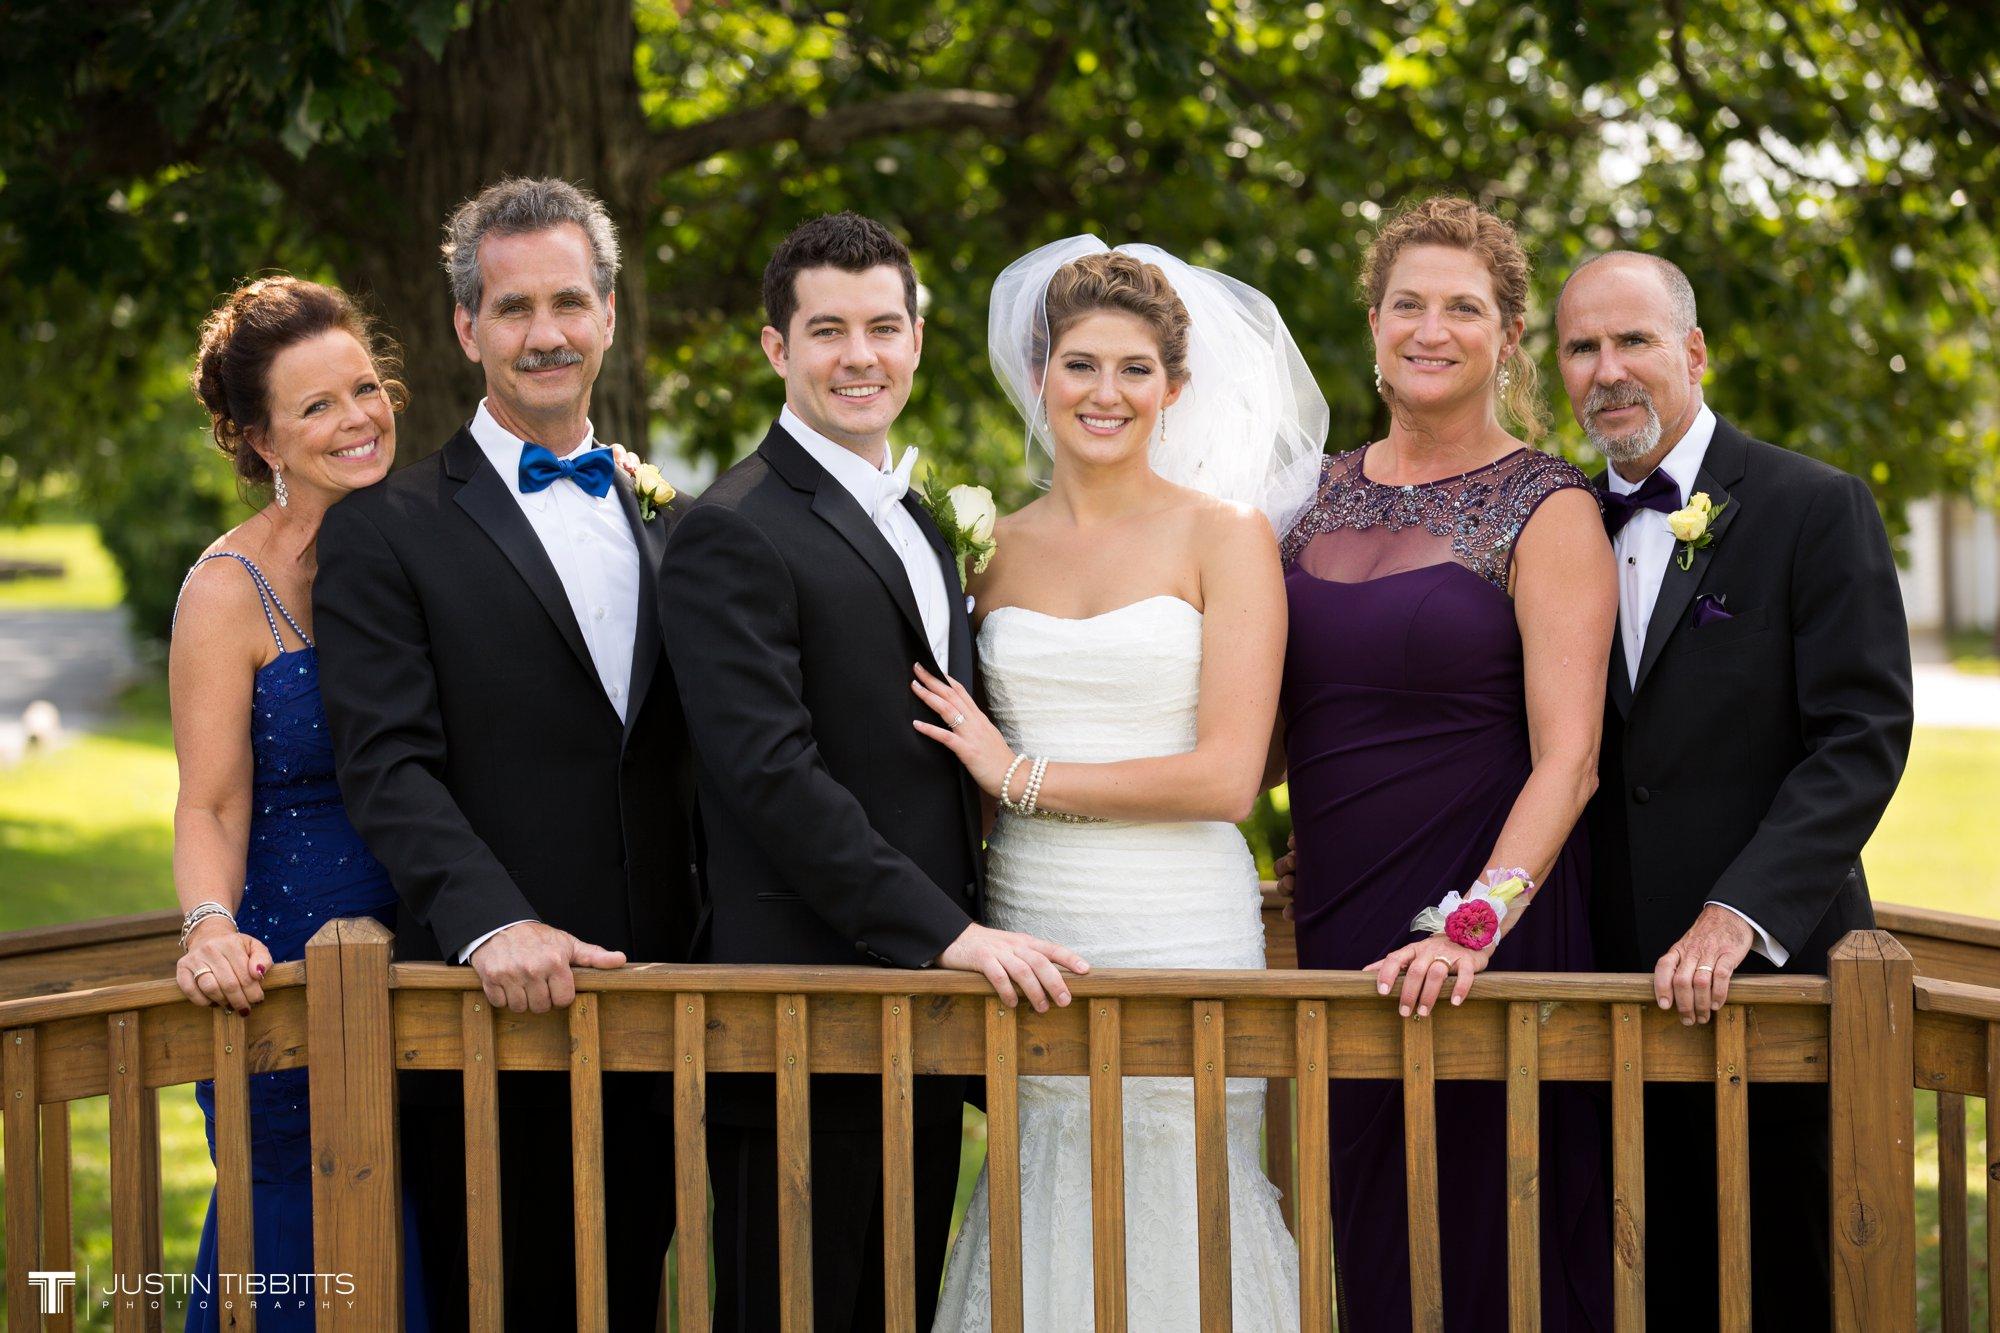 Albany NY Wedding Photographer Justin Tibbitts Photography 2014 Best of Albany NY Weddings-24511947